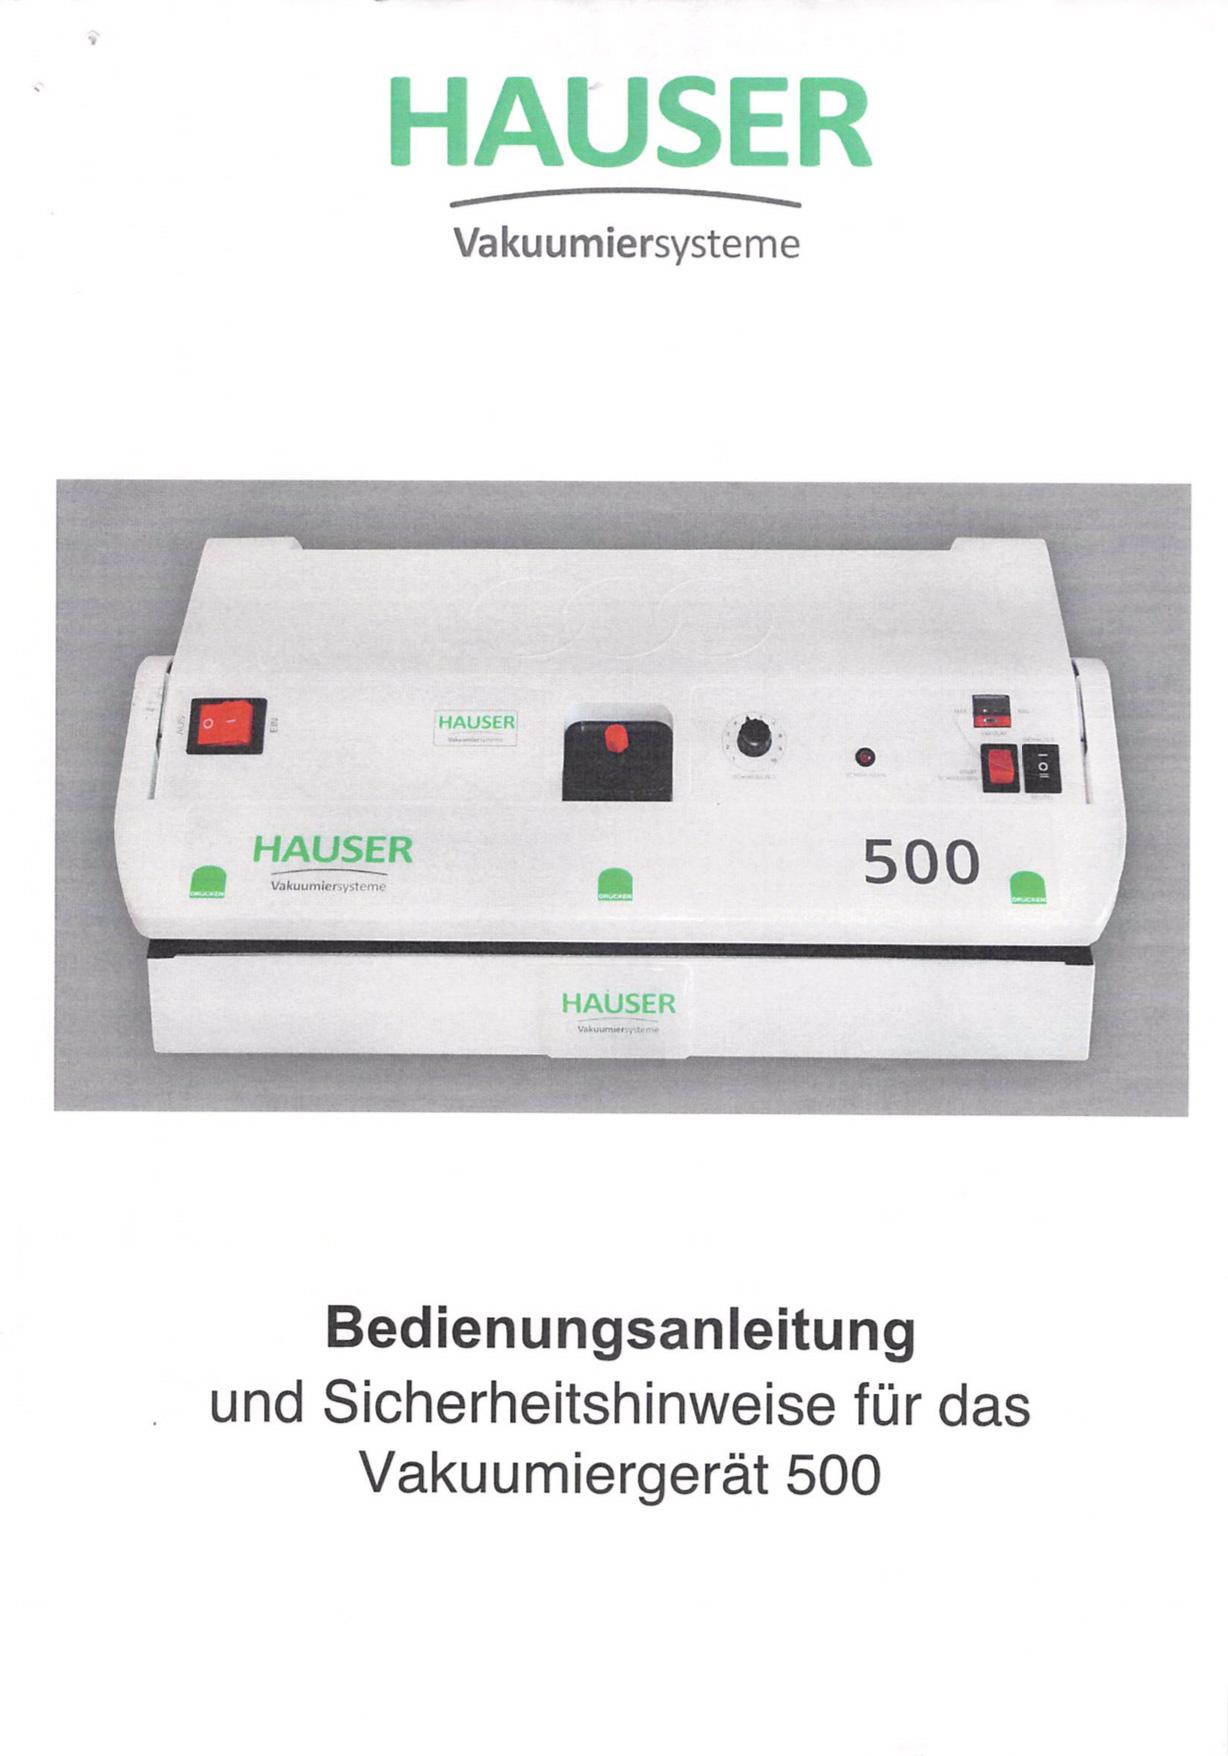 BedienungsanleitungModell_500